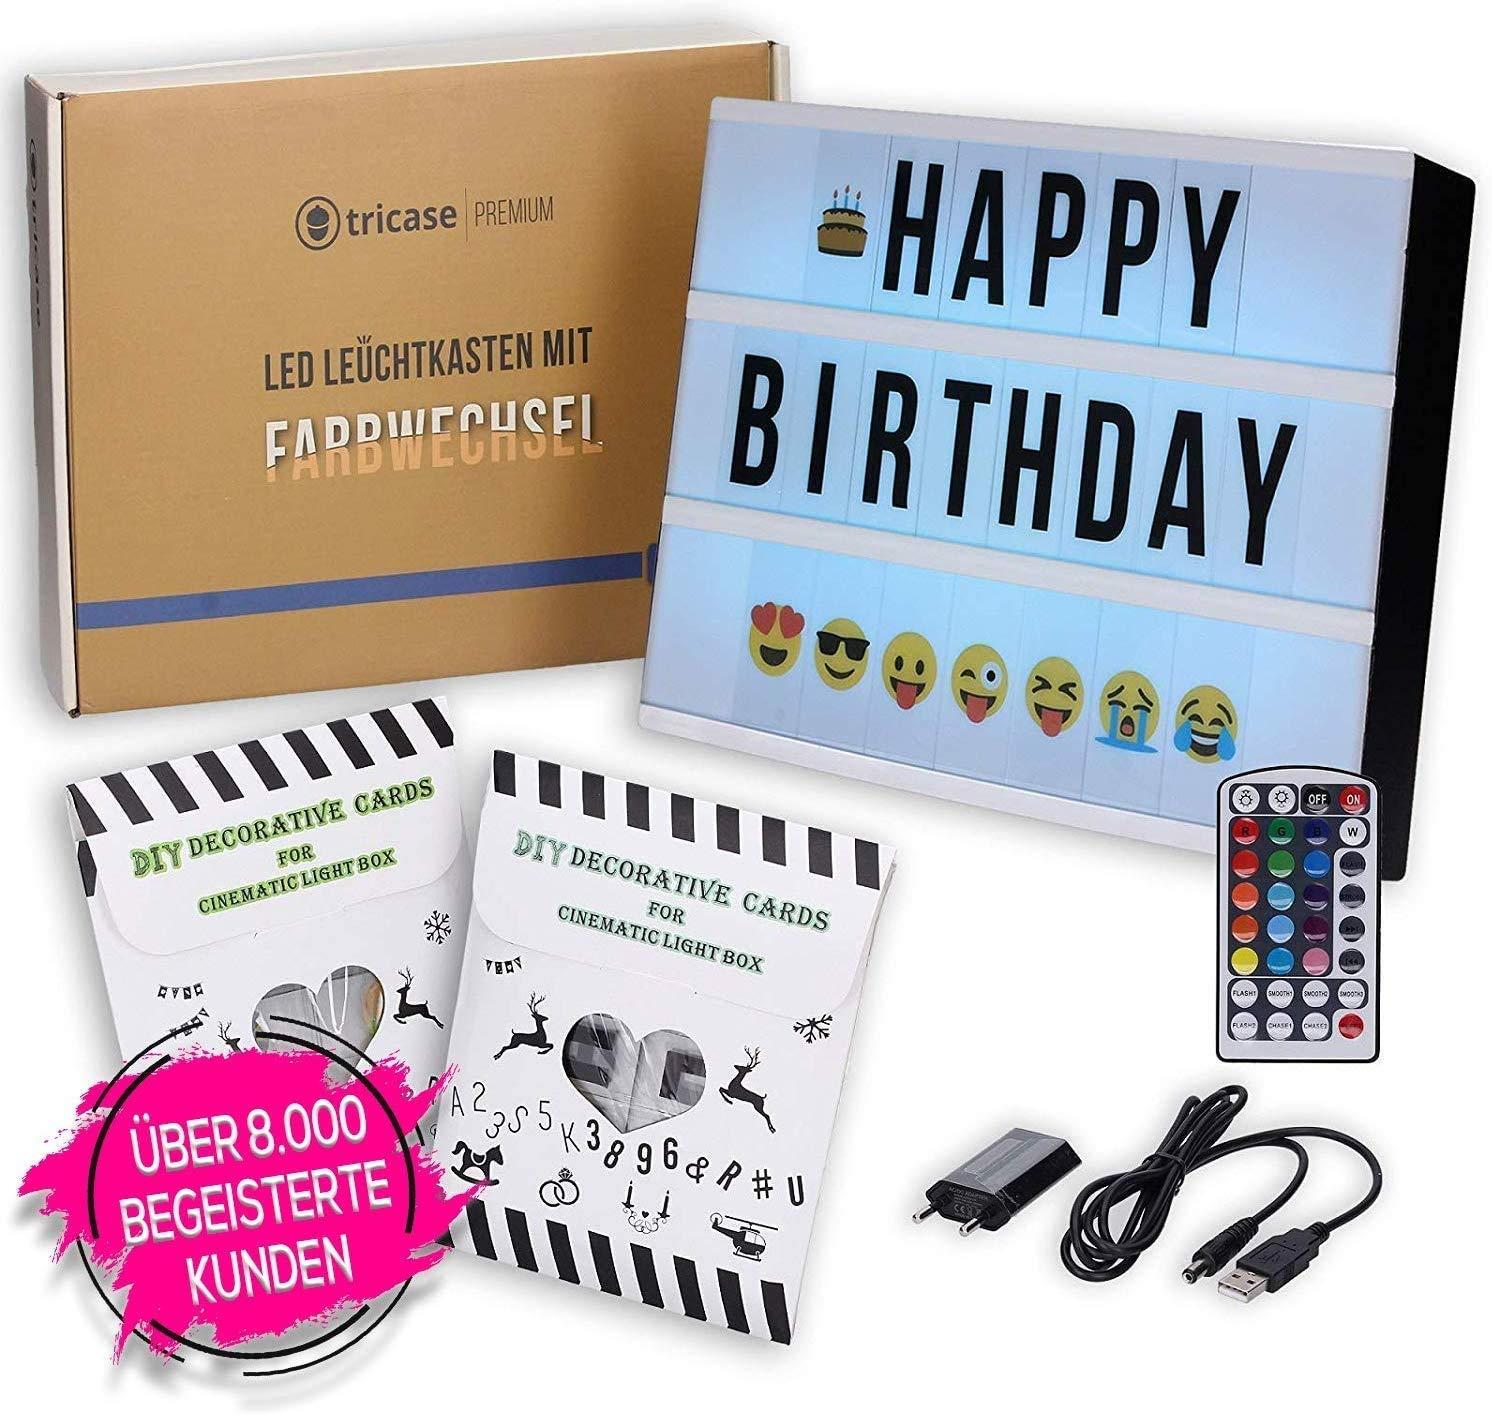 tricase LED Lightbox mit Buchstaben – A4 Leuchtkasten mit Farbwechsel, MEGA Set inkl. 173 Buchstaben, 85 farbige Emojis, 1,5m USB Kabel, Netzteil, Fernbedienung mit Dimmer, Perfektes Deko Geschenk Bild